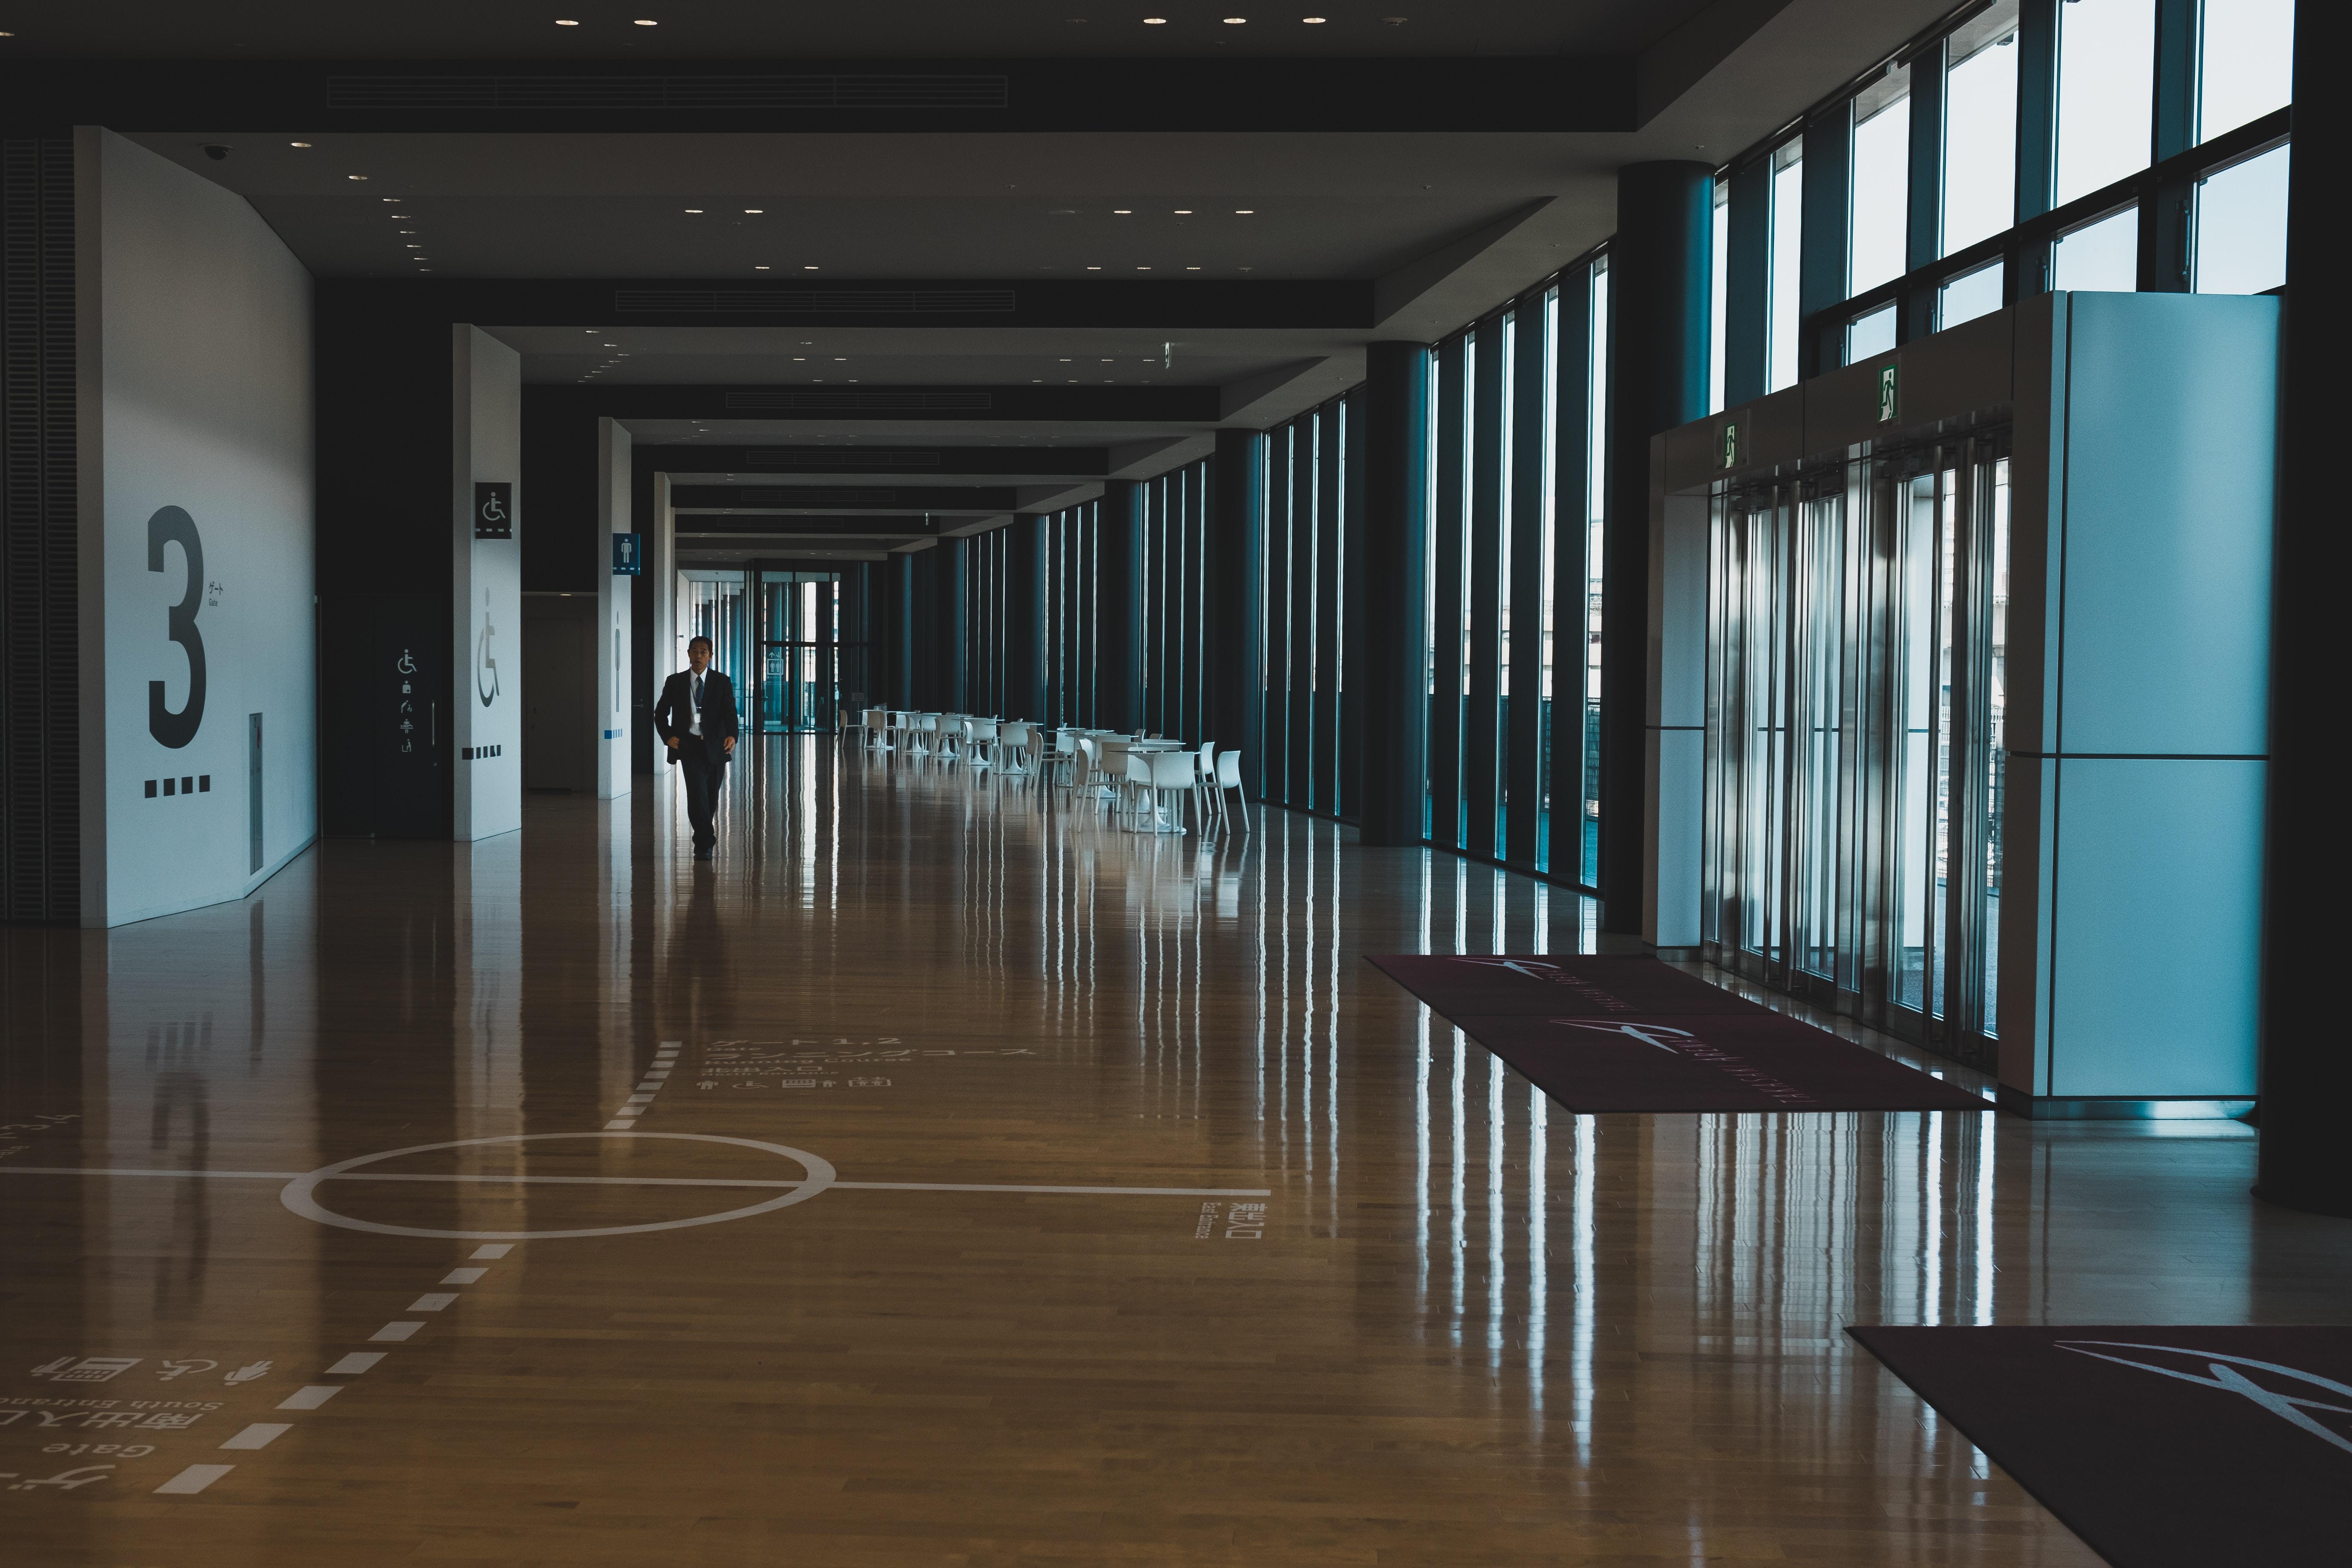 man in black formal suit jacket walking on hallway during daytime